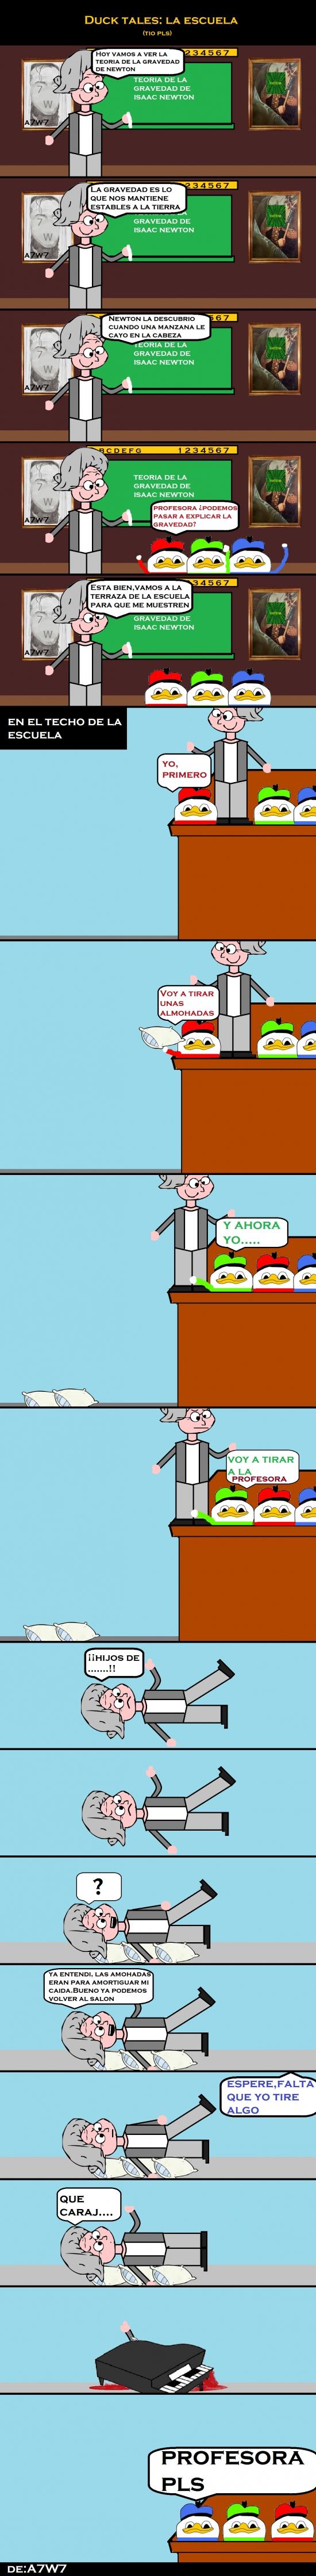 Dolan - Duck tales: La escuela y la explicación de la gravedad :(